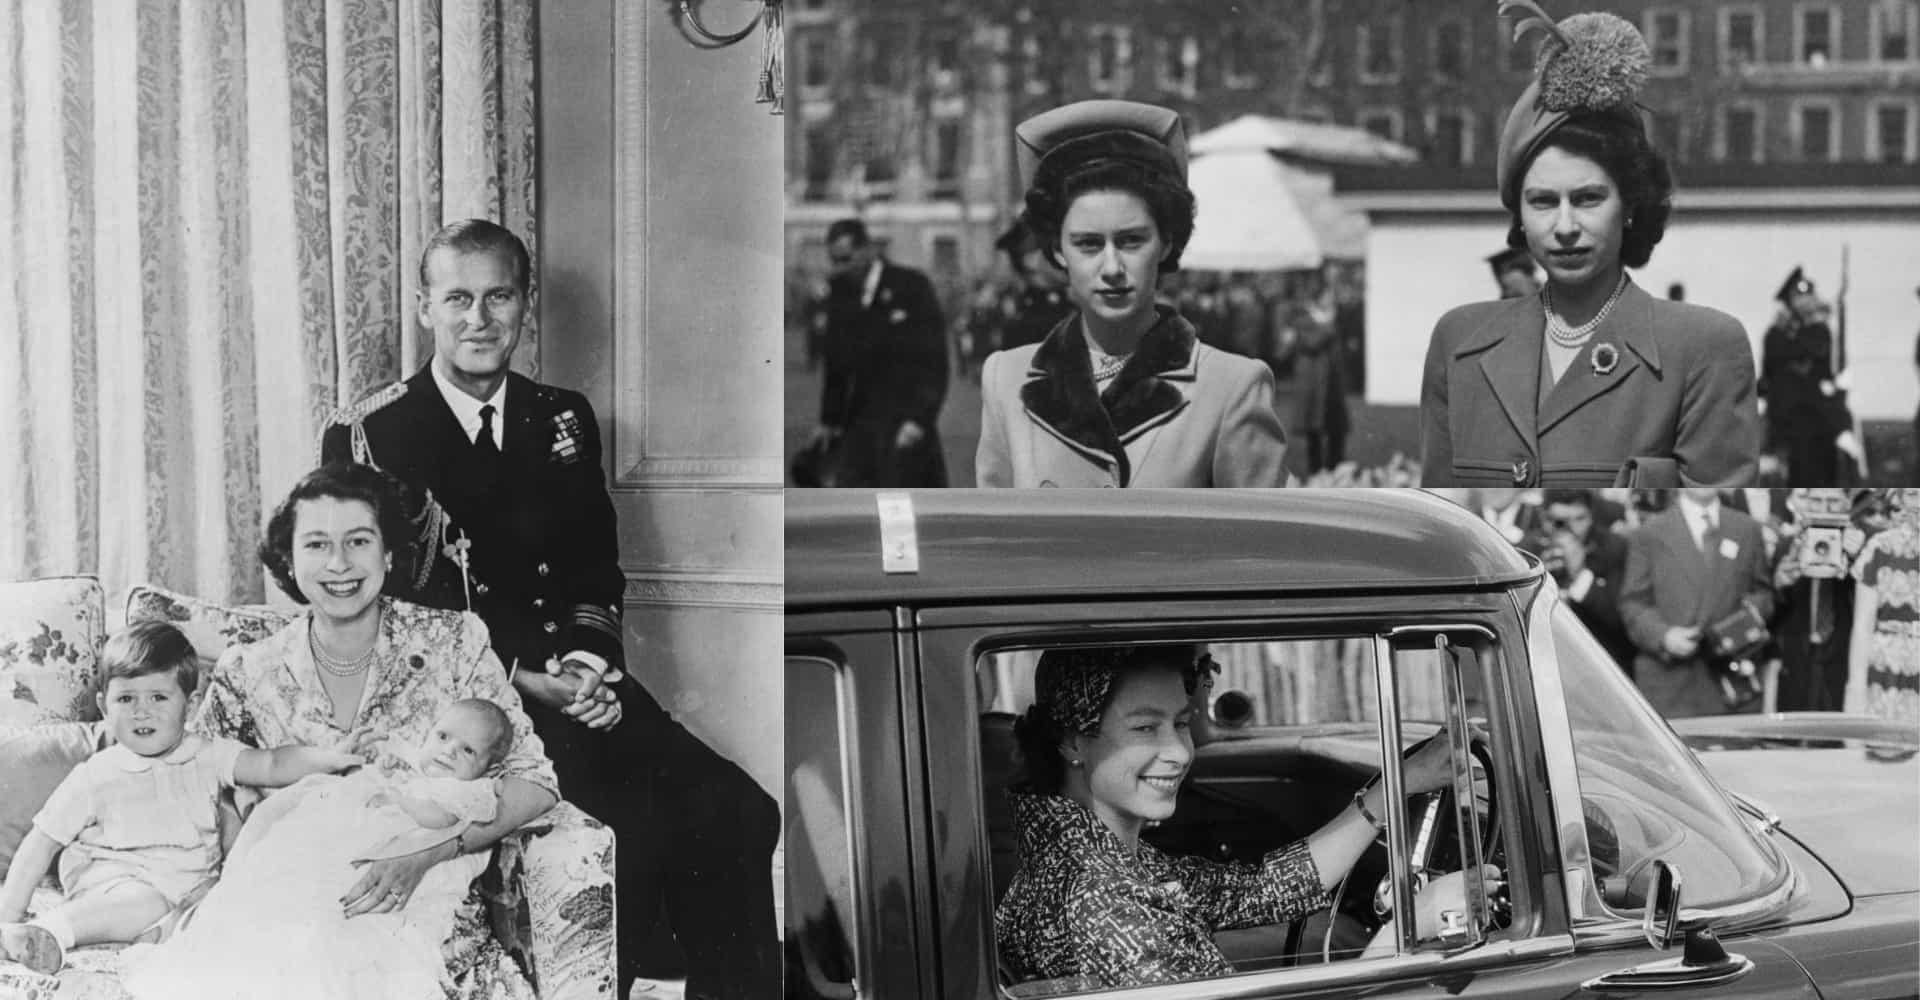 Kiehtovat kuvat nuoresta kuningatar Elisabetista